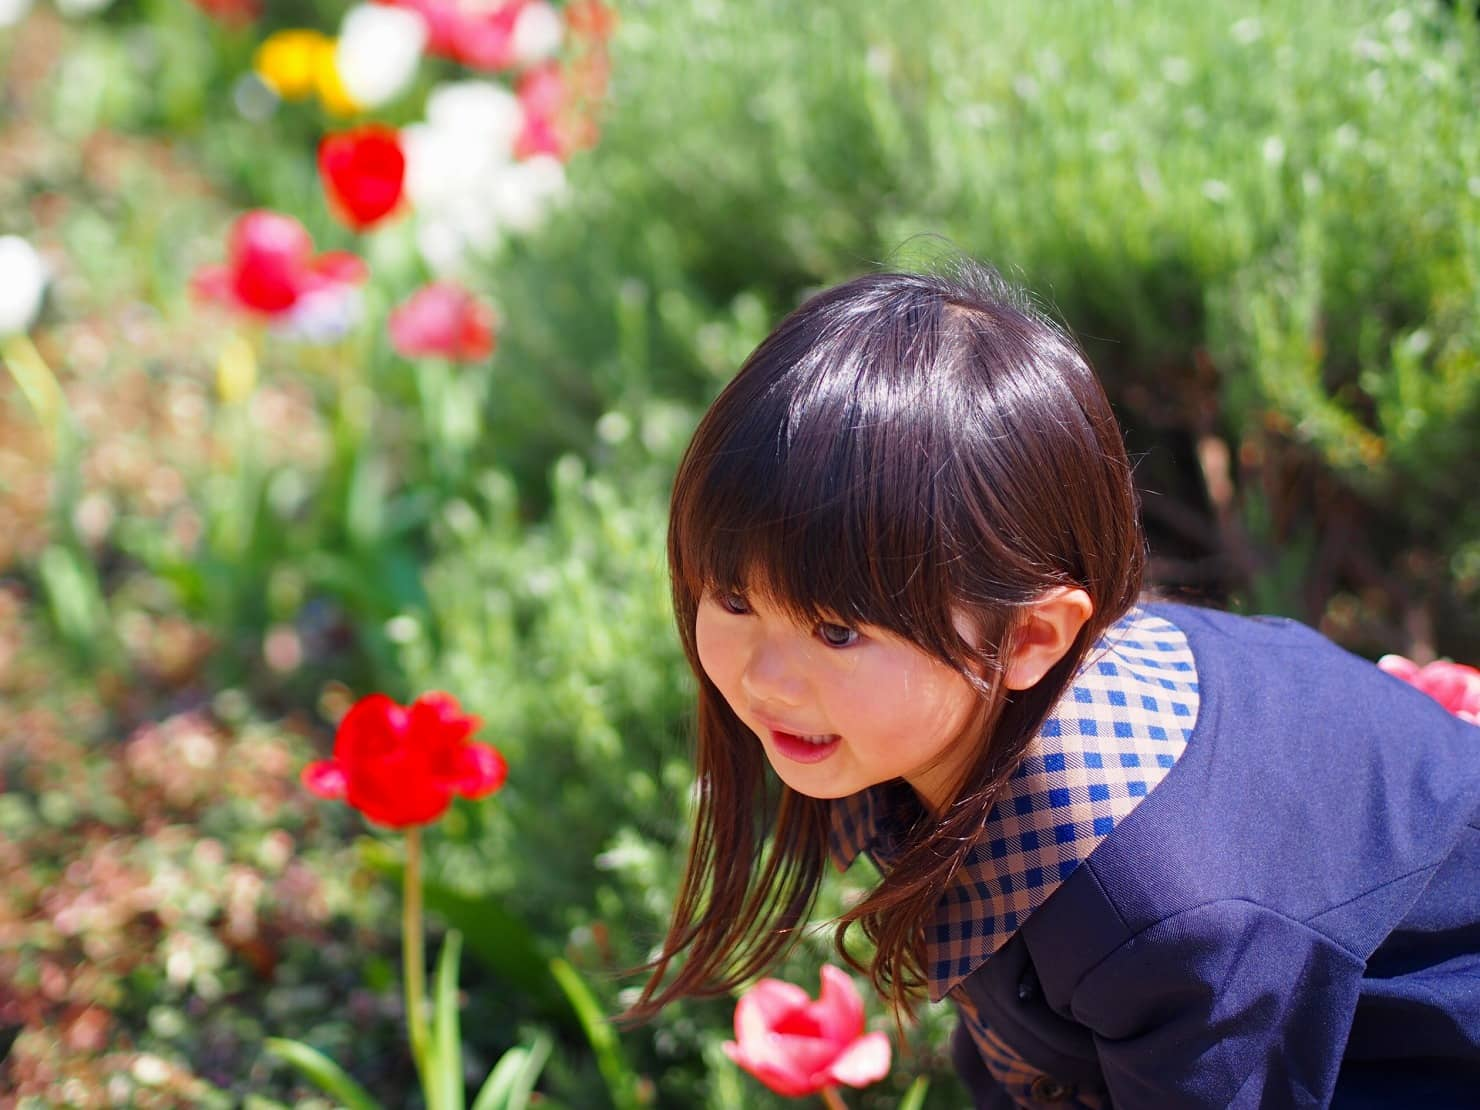 3歳におすすめのクリスマスプレゼント15選【2019年最新版 女の子編】